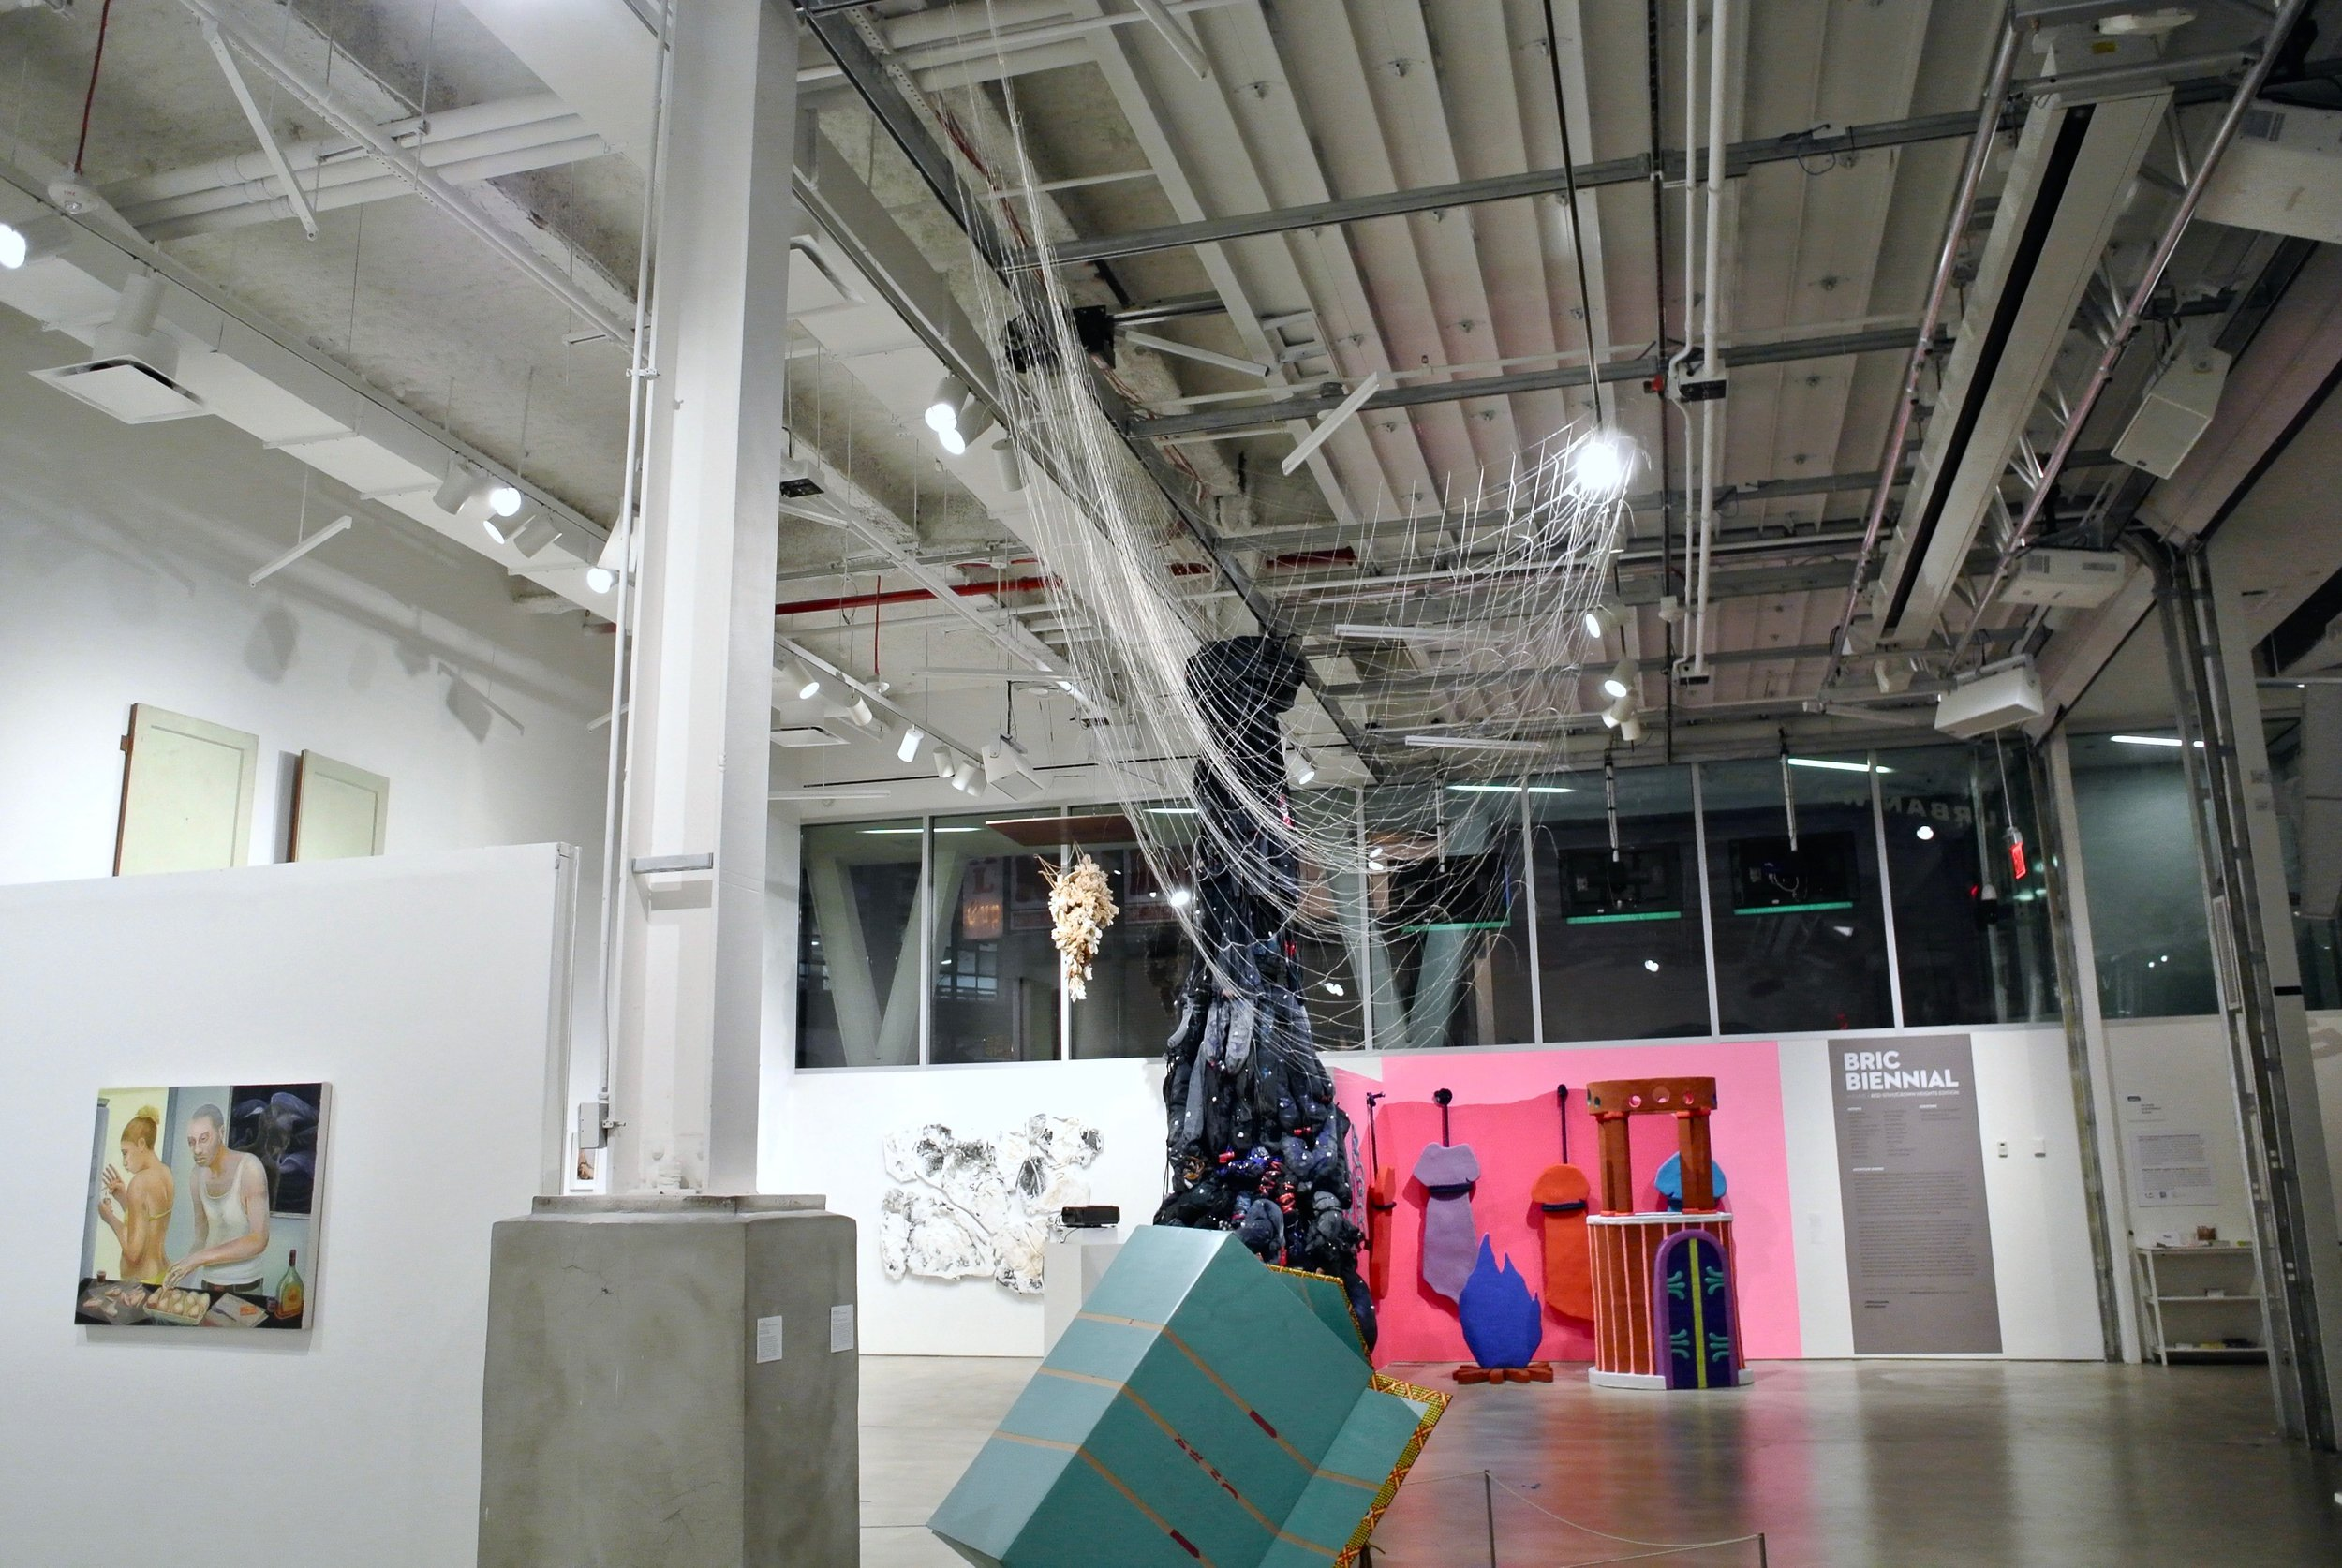 Installed at the  BRIC Biennial at BRIC House, Brooklyn, NY  November 2016 - January 2017